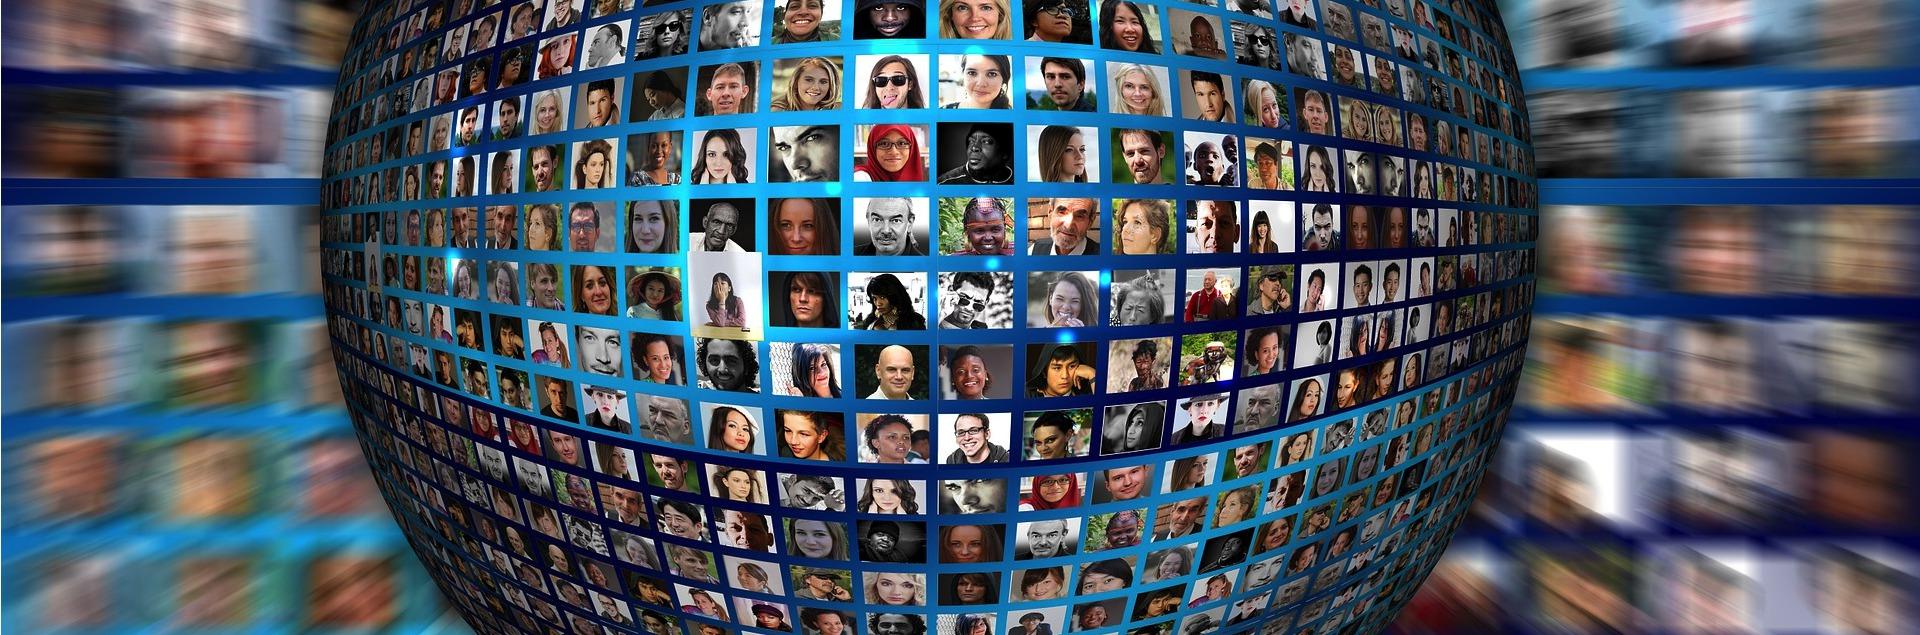 Social media is steeds meer van invloed op seo en dus Google ranking